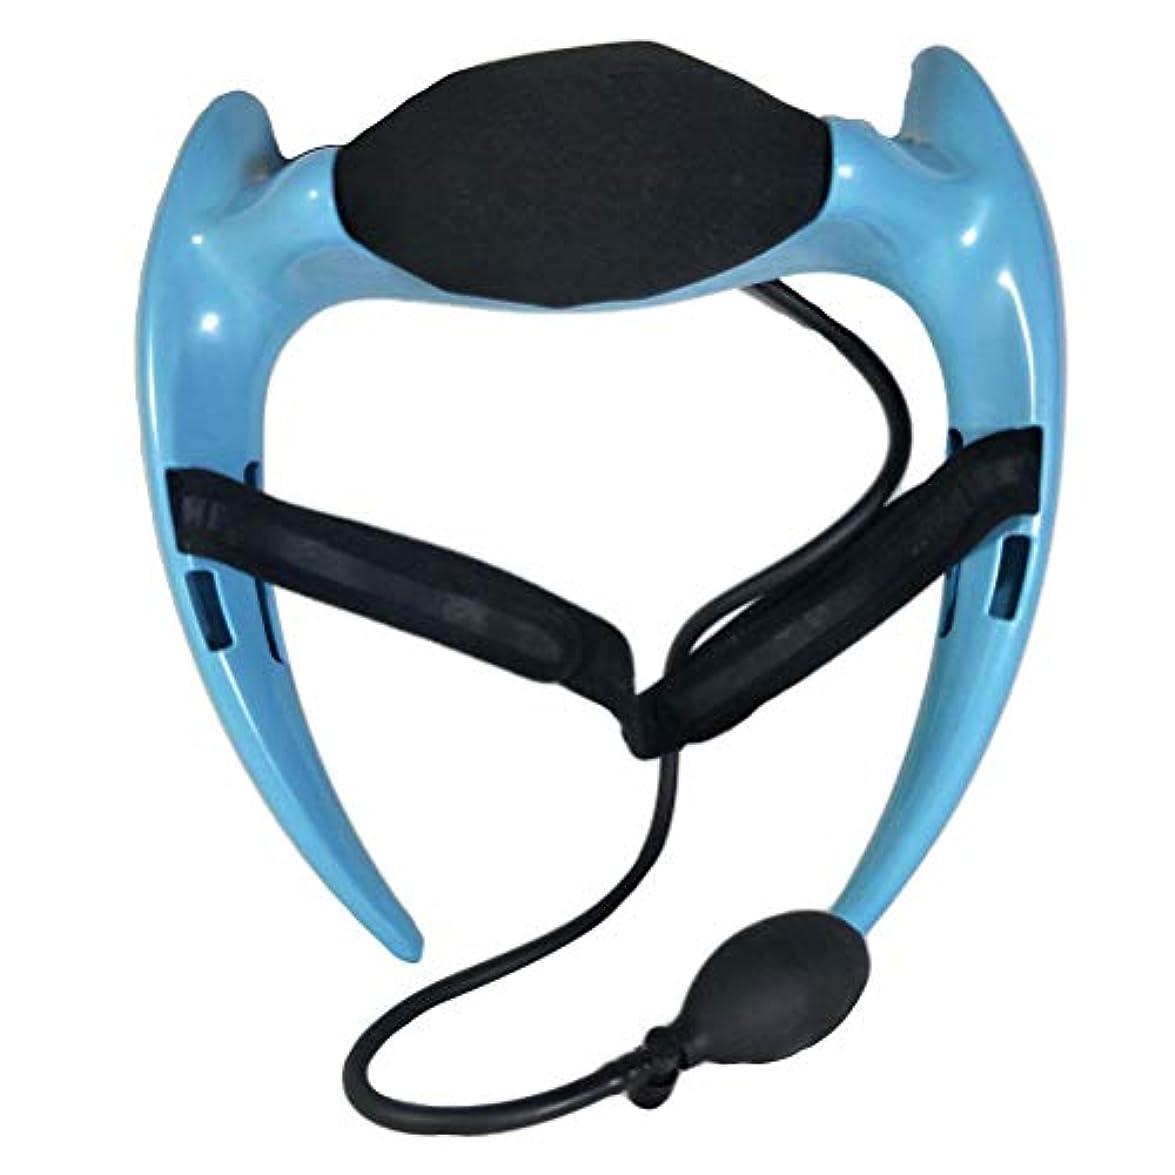 知らせる結婚式ポインタHealifty 首のけん引力調節可能な通気性の首サポートブレースネック首の首の襟首の首の痛みを和らげるリハビリ傷害回復(ブルー)